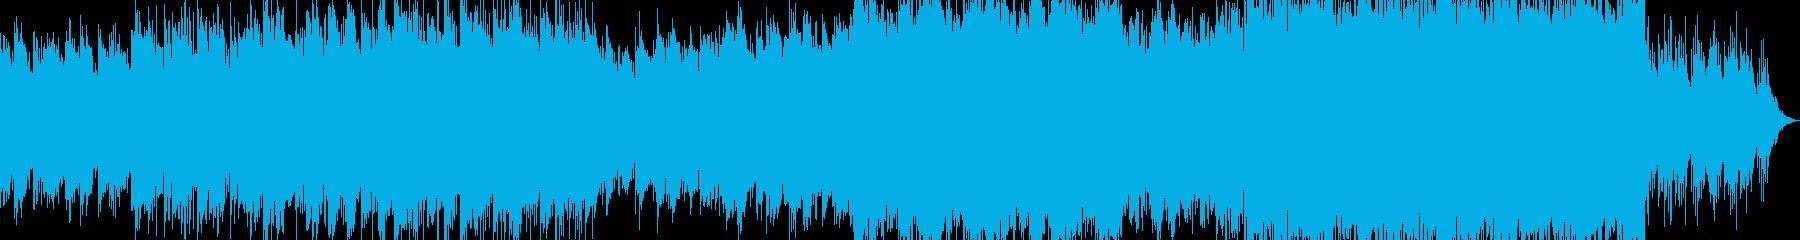 ゆっくり盛り上がるポップエレクトロニカの再生済みの波形